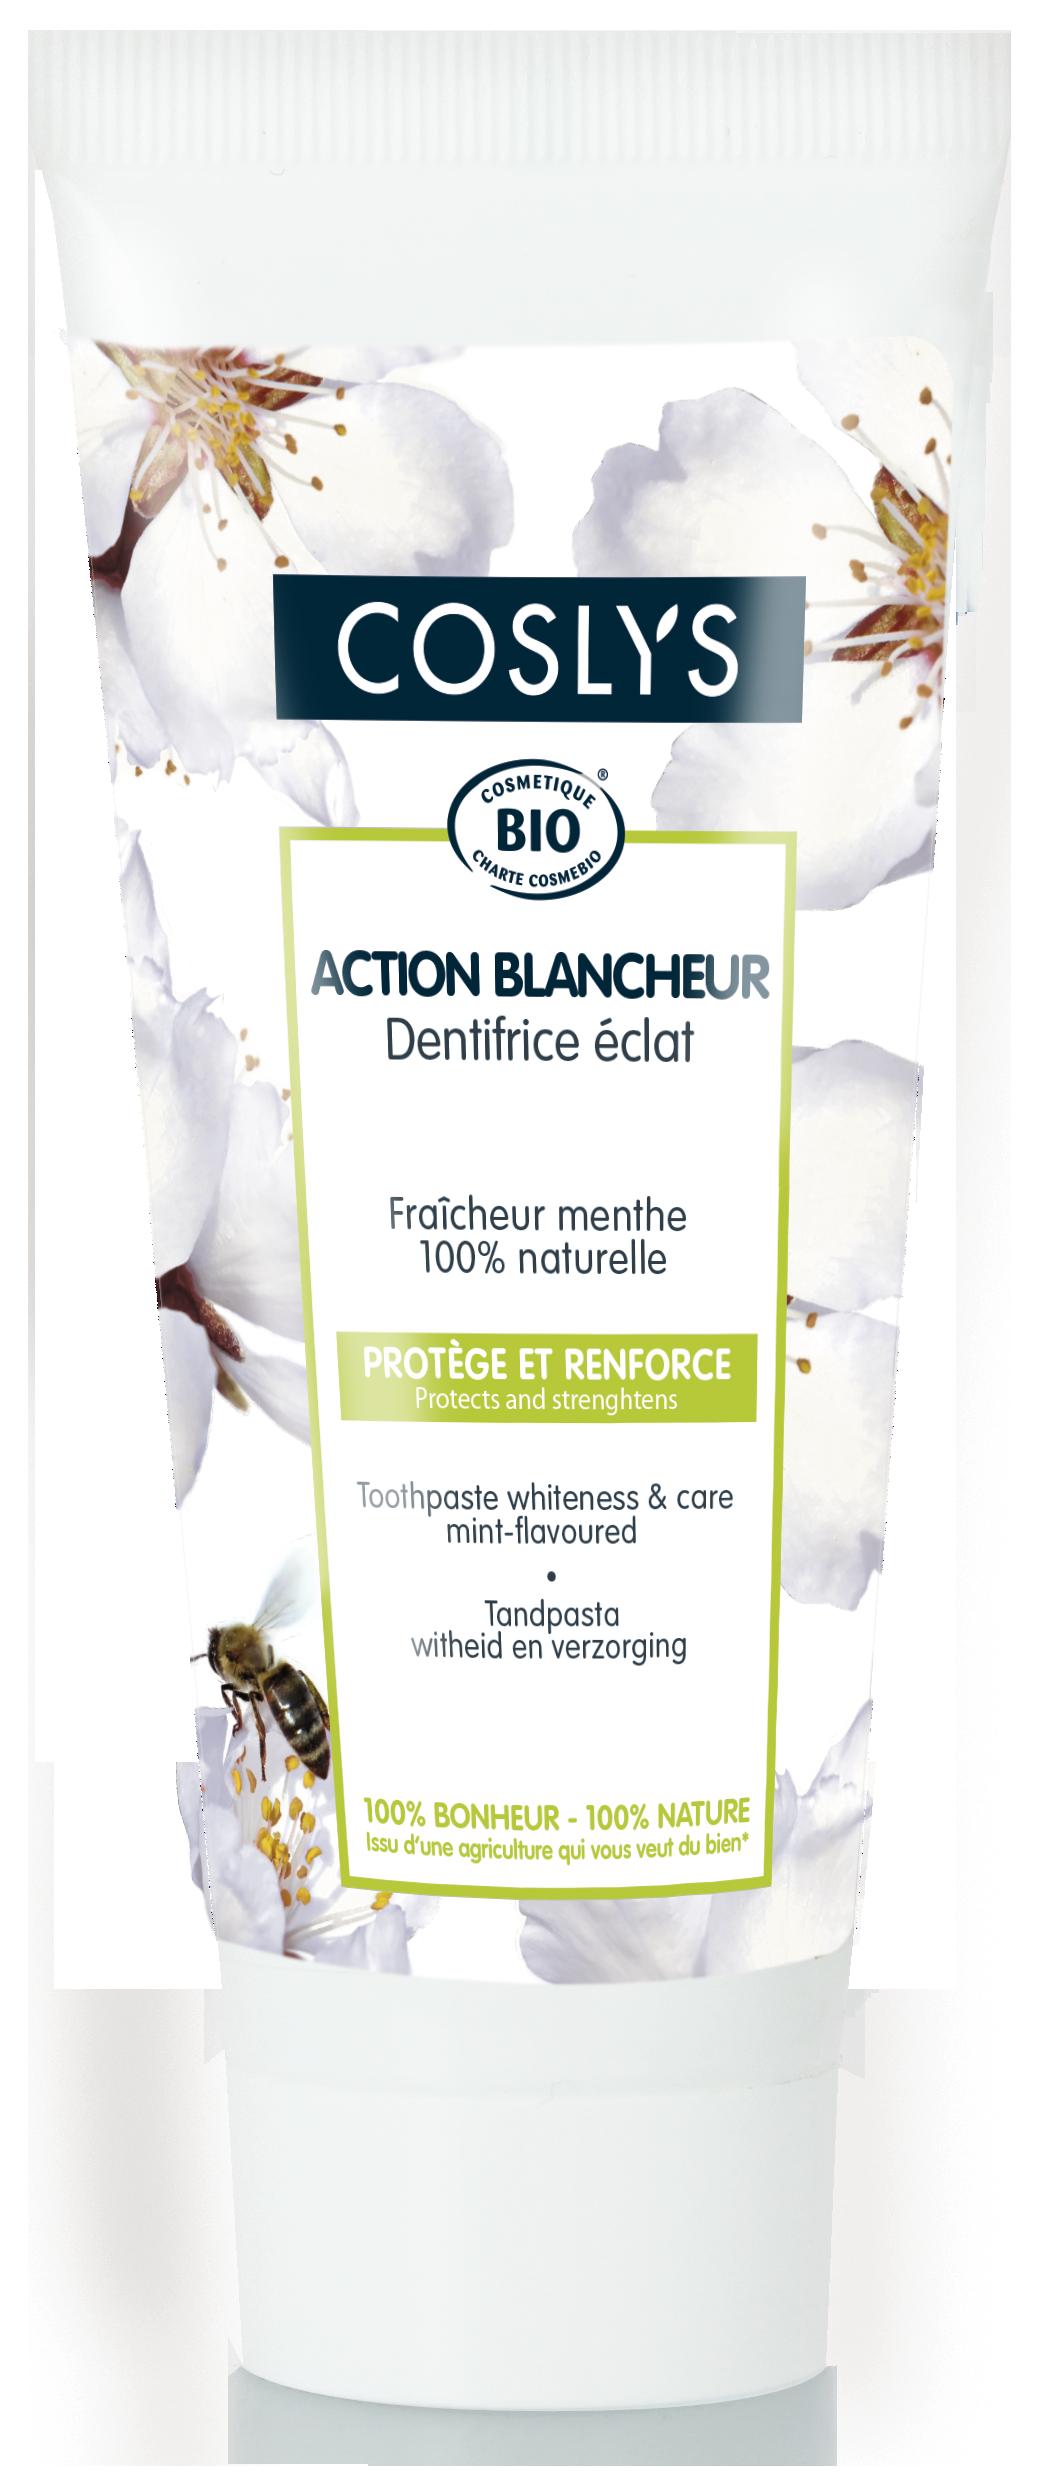 Coslys- action blancheur-dentifrice éclat